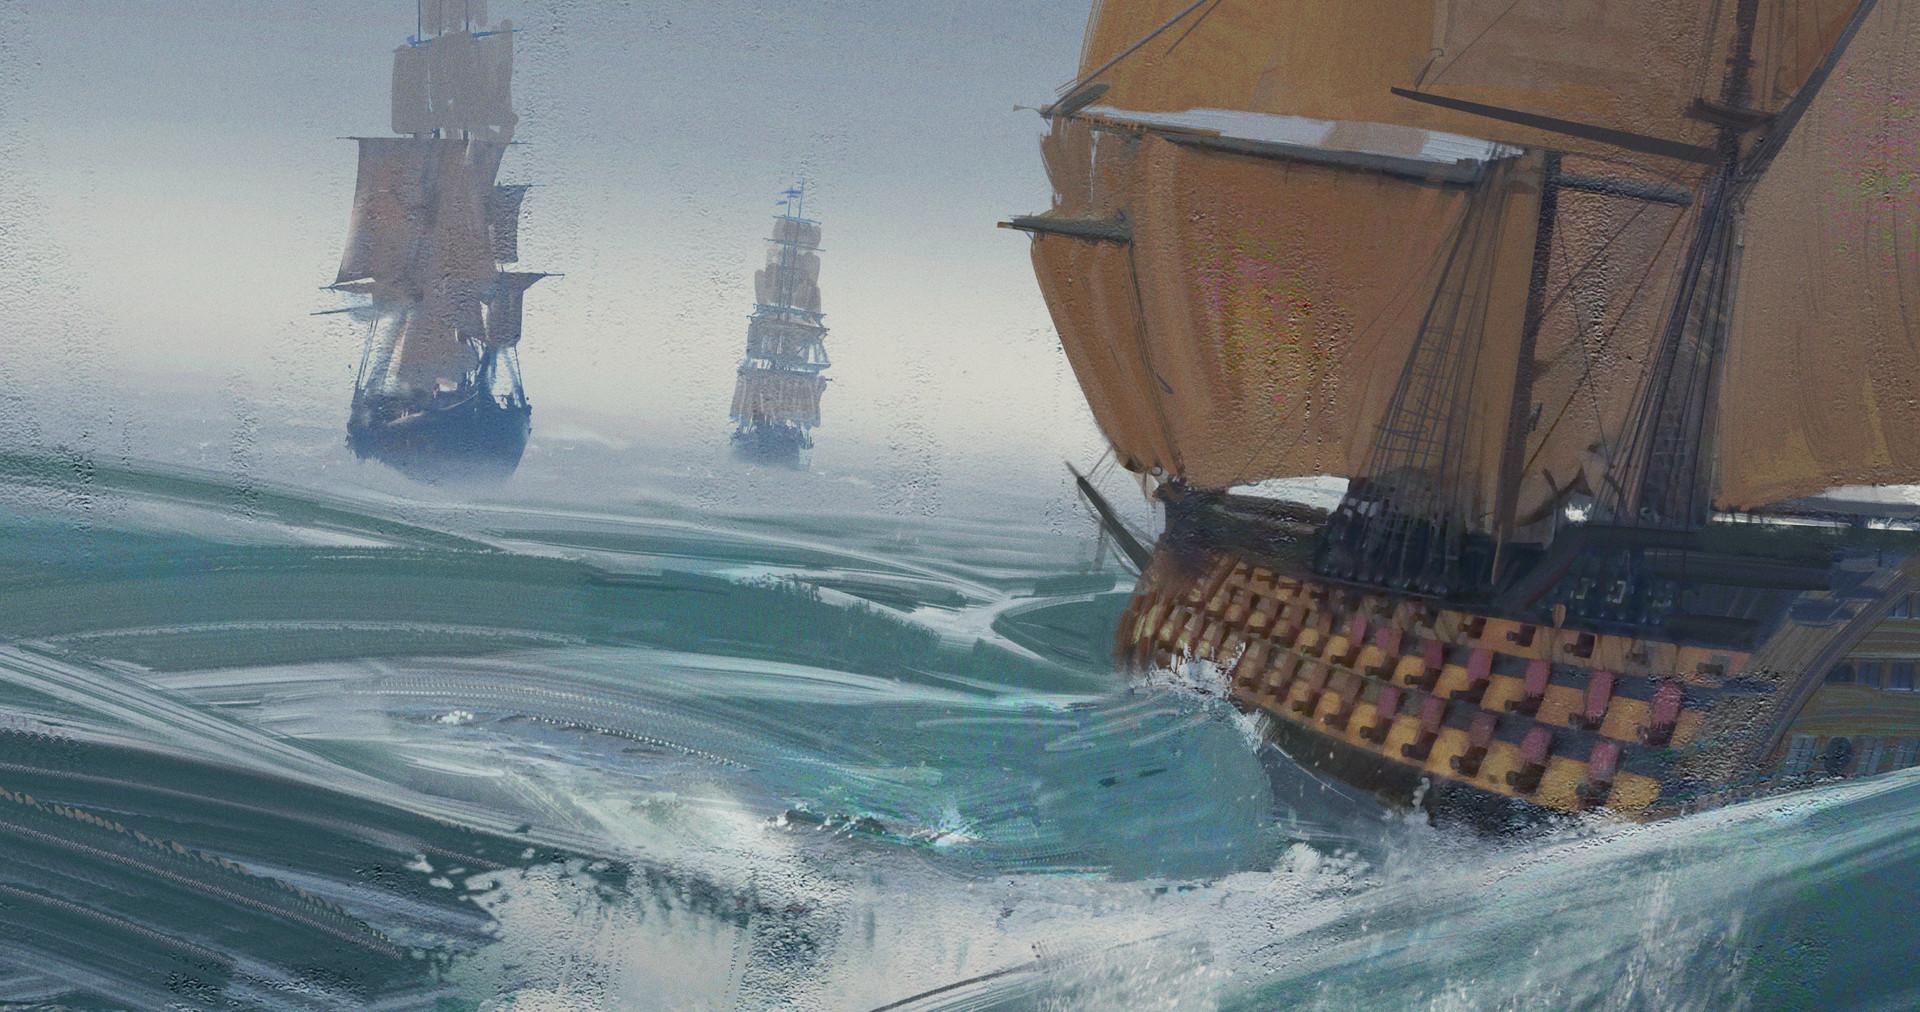 Jad saber ships2